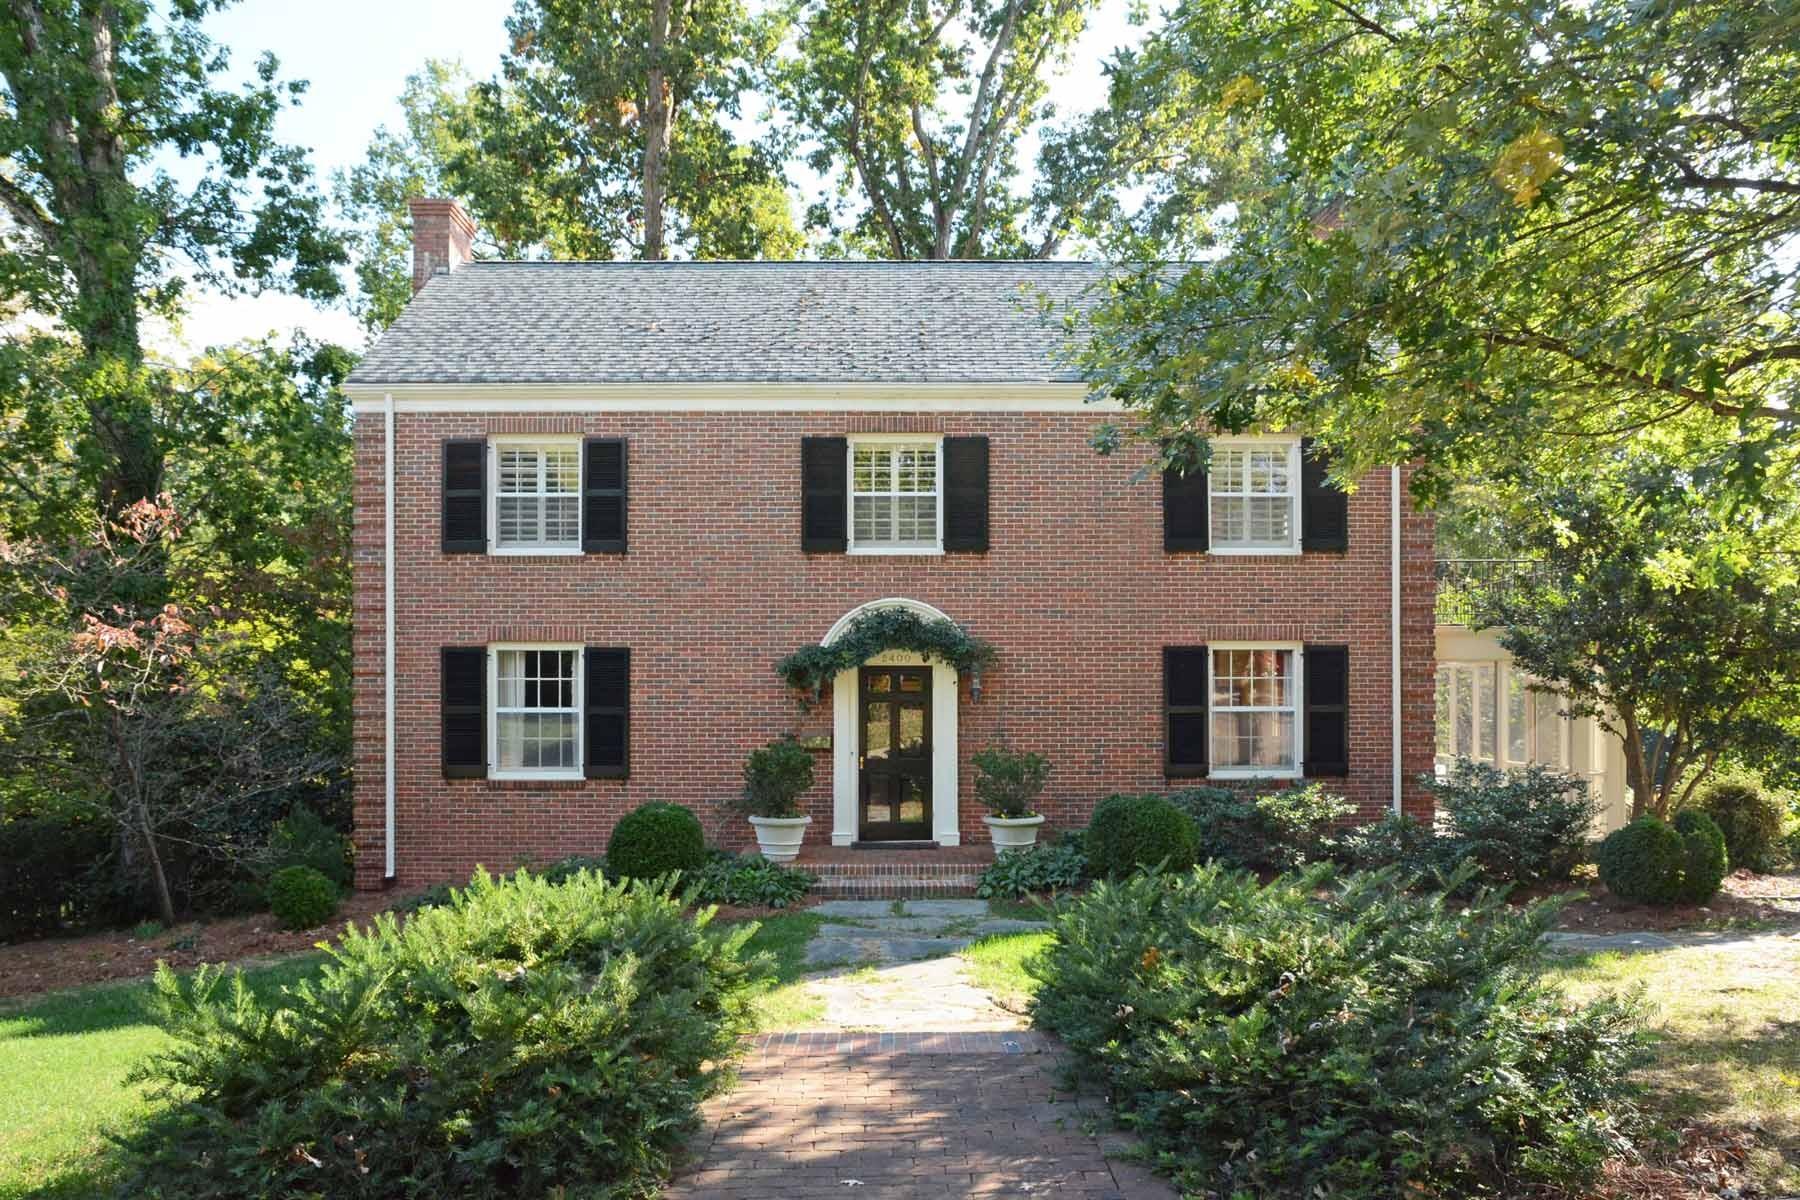 独户住宅 为 销售 在 2400 Anderson Drive 罗利, 北卡罗来纳州 27608 美国